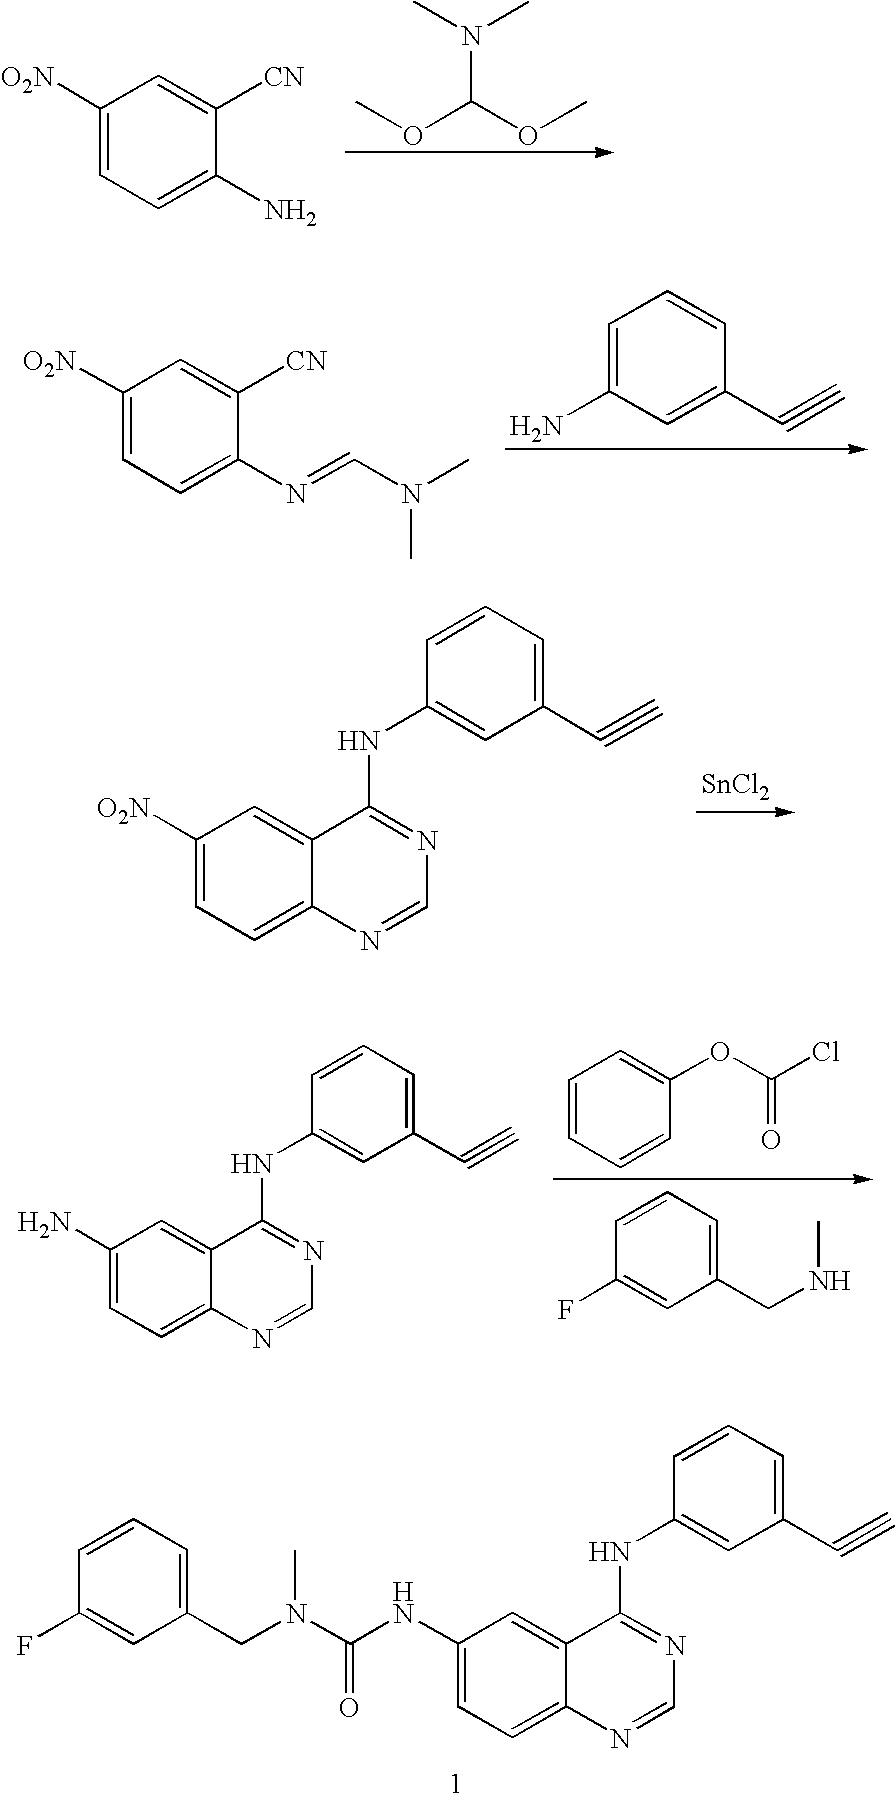 Figure US08426430-20130423-C00039